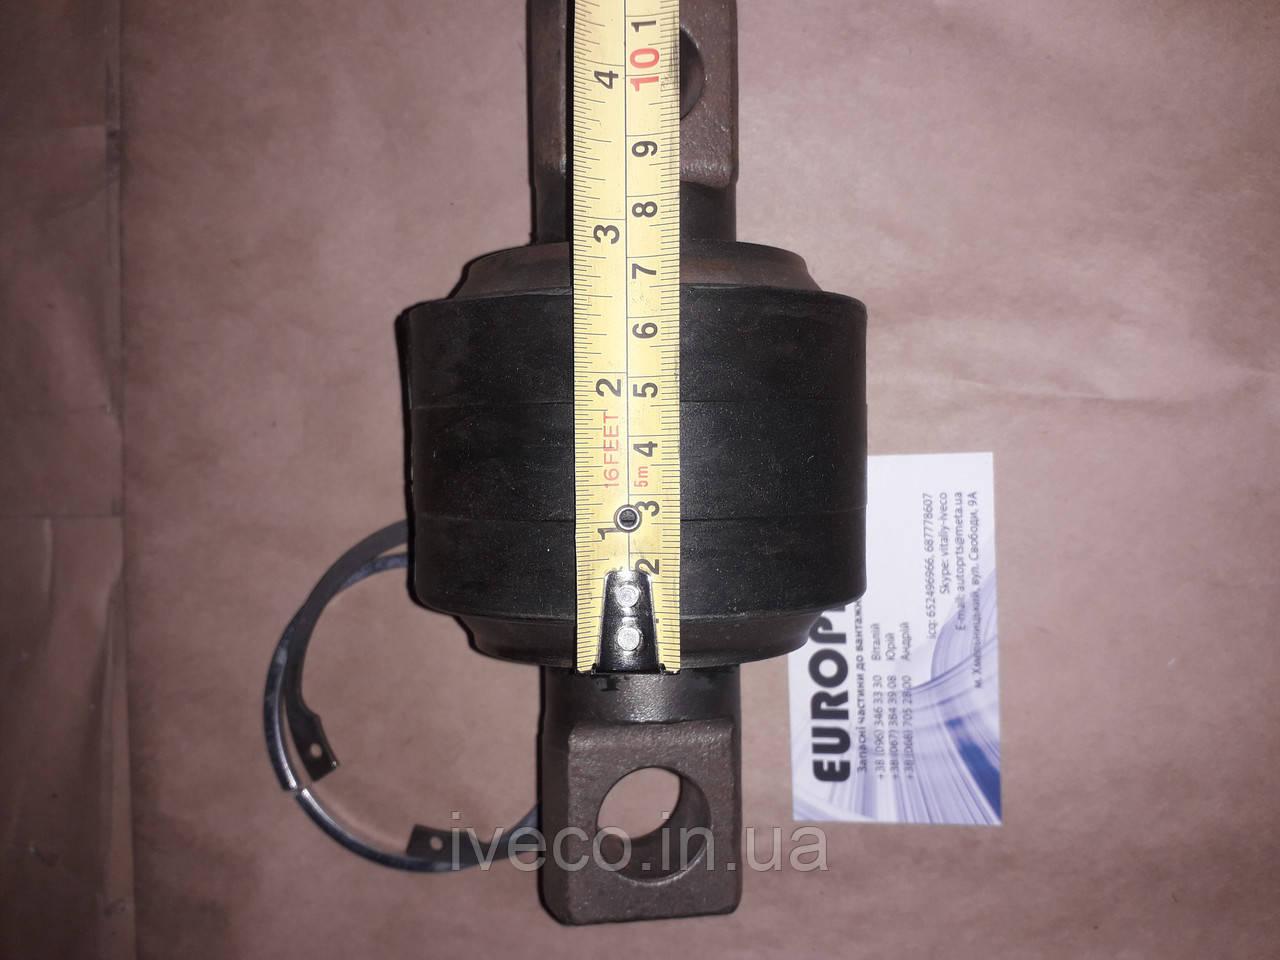 93162288 Сайлентблок реактивной тяги Ивеко Тракер Iveco Trakker